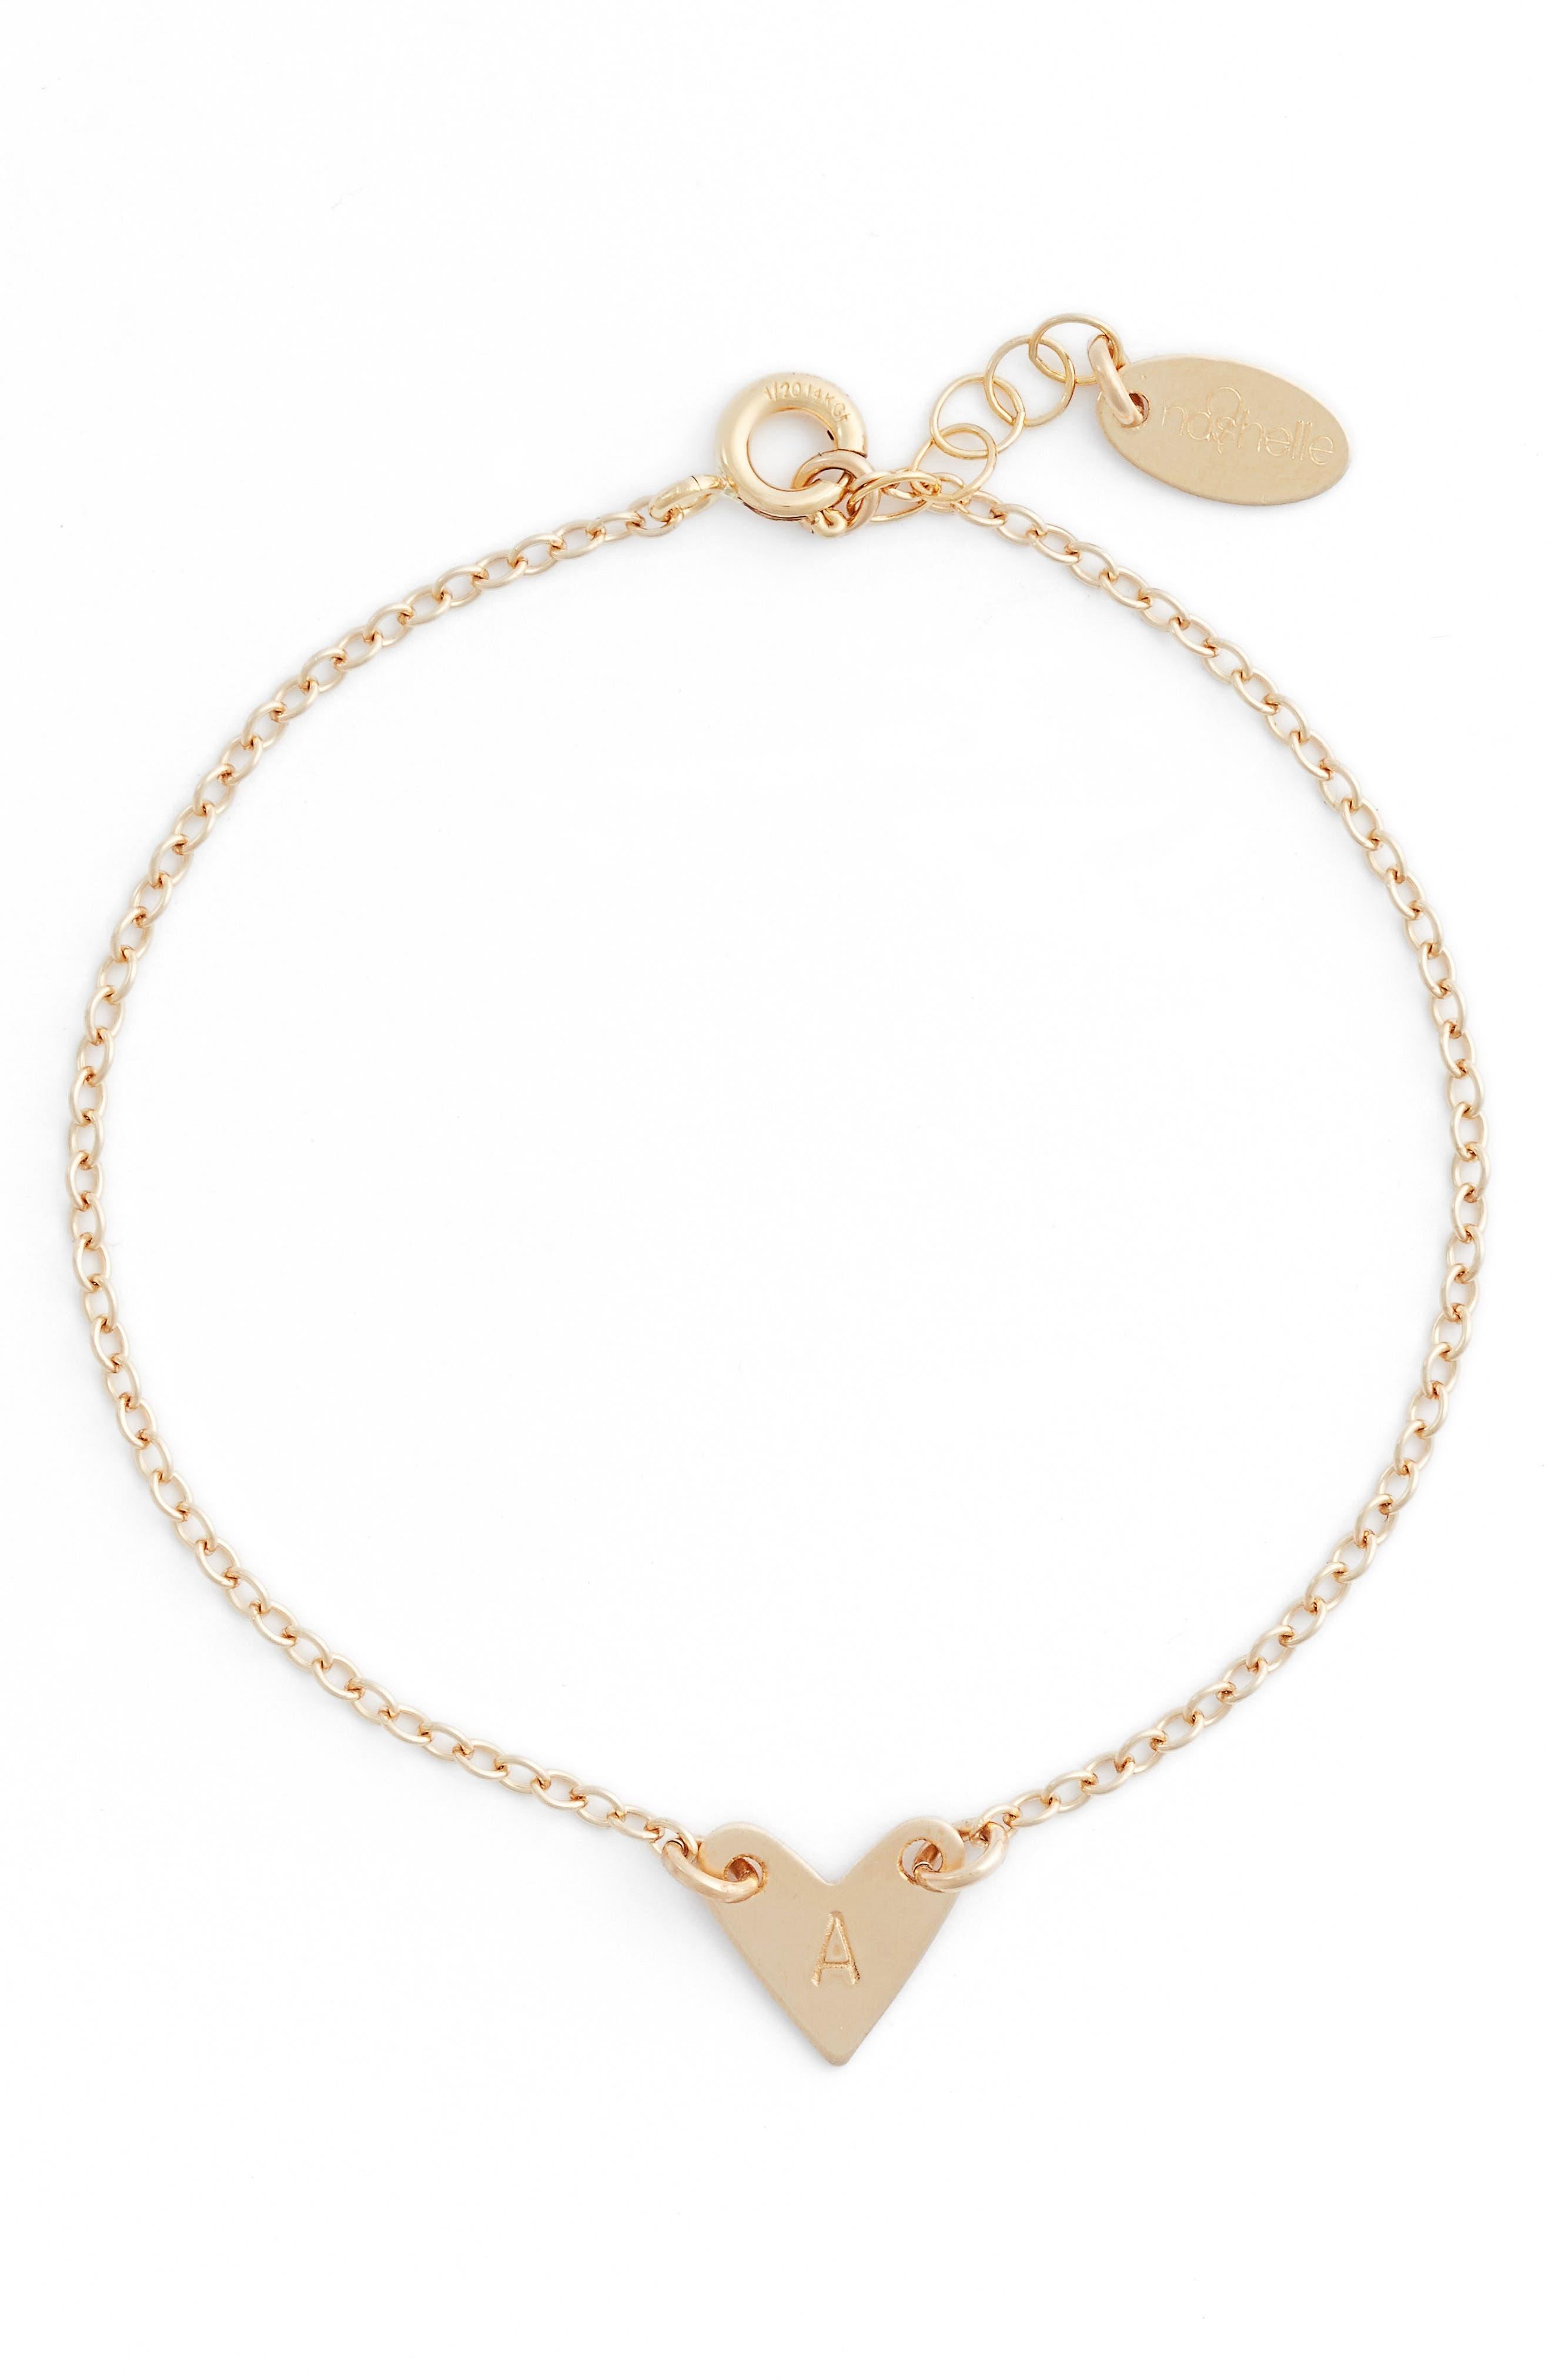 Main Image - Nashelle Initial Heart Bracelet